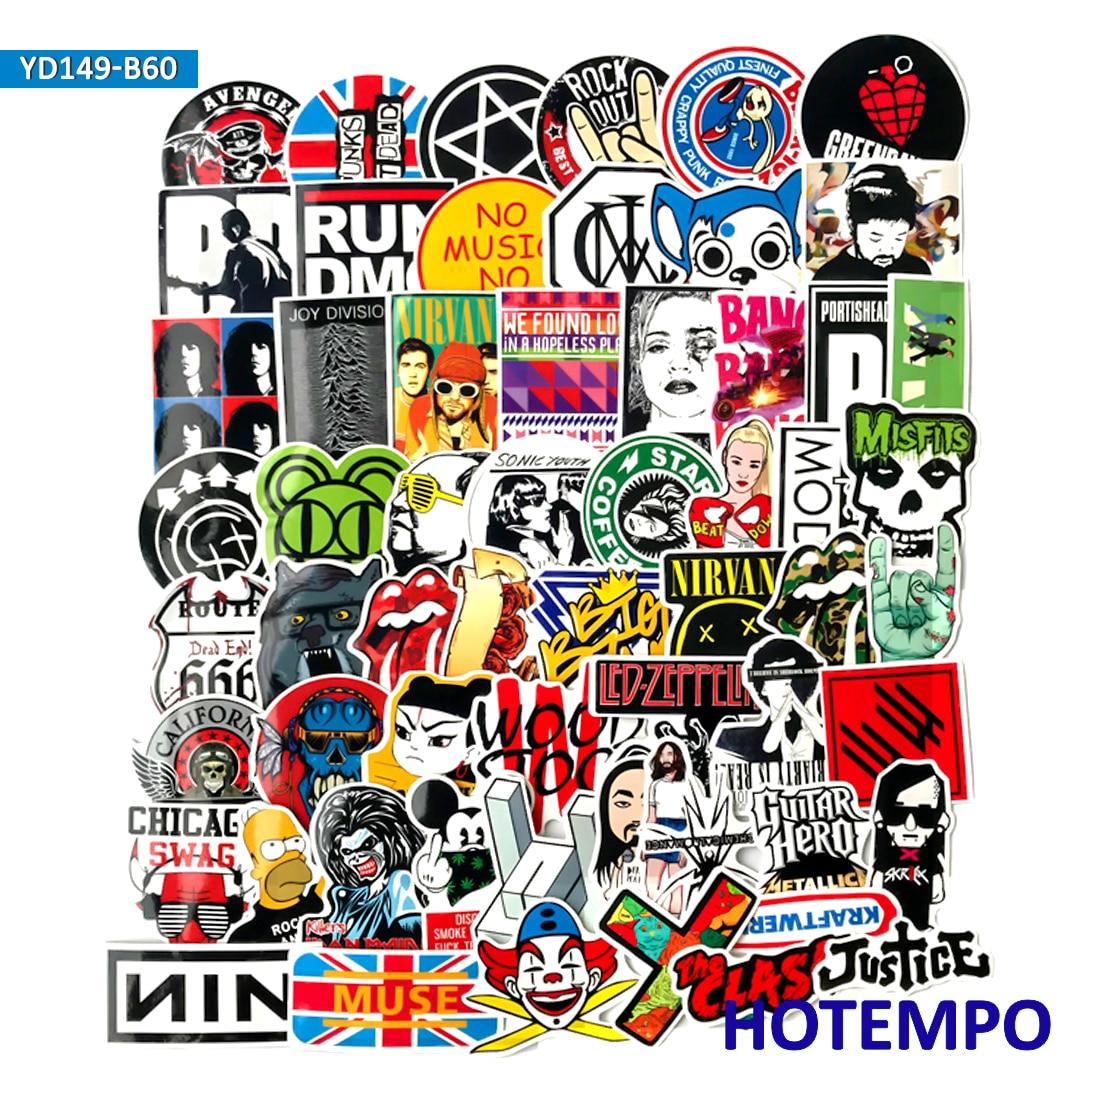 60 50 pcs rock and roll hip hop musik punk band stiker untuk ponsel laptop bagasi guitar case skateboard sepeda stiker mobil di stiker dari mainan hobi